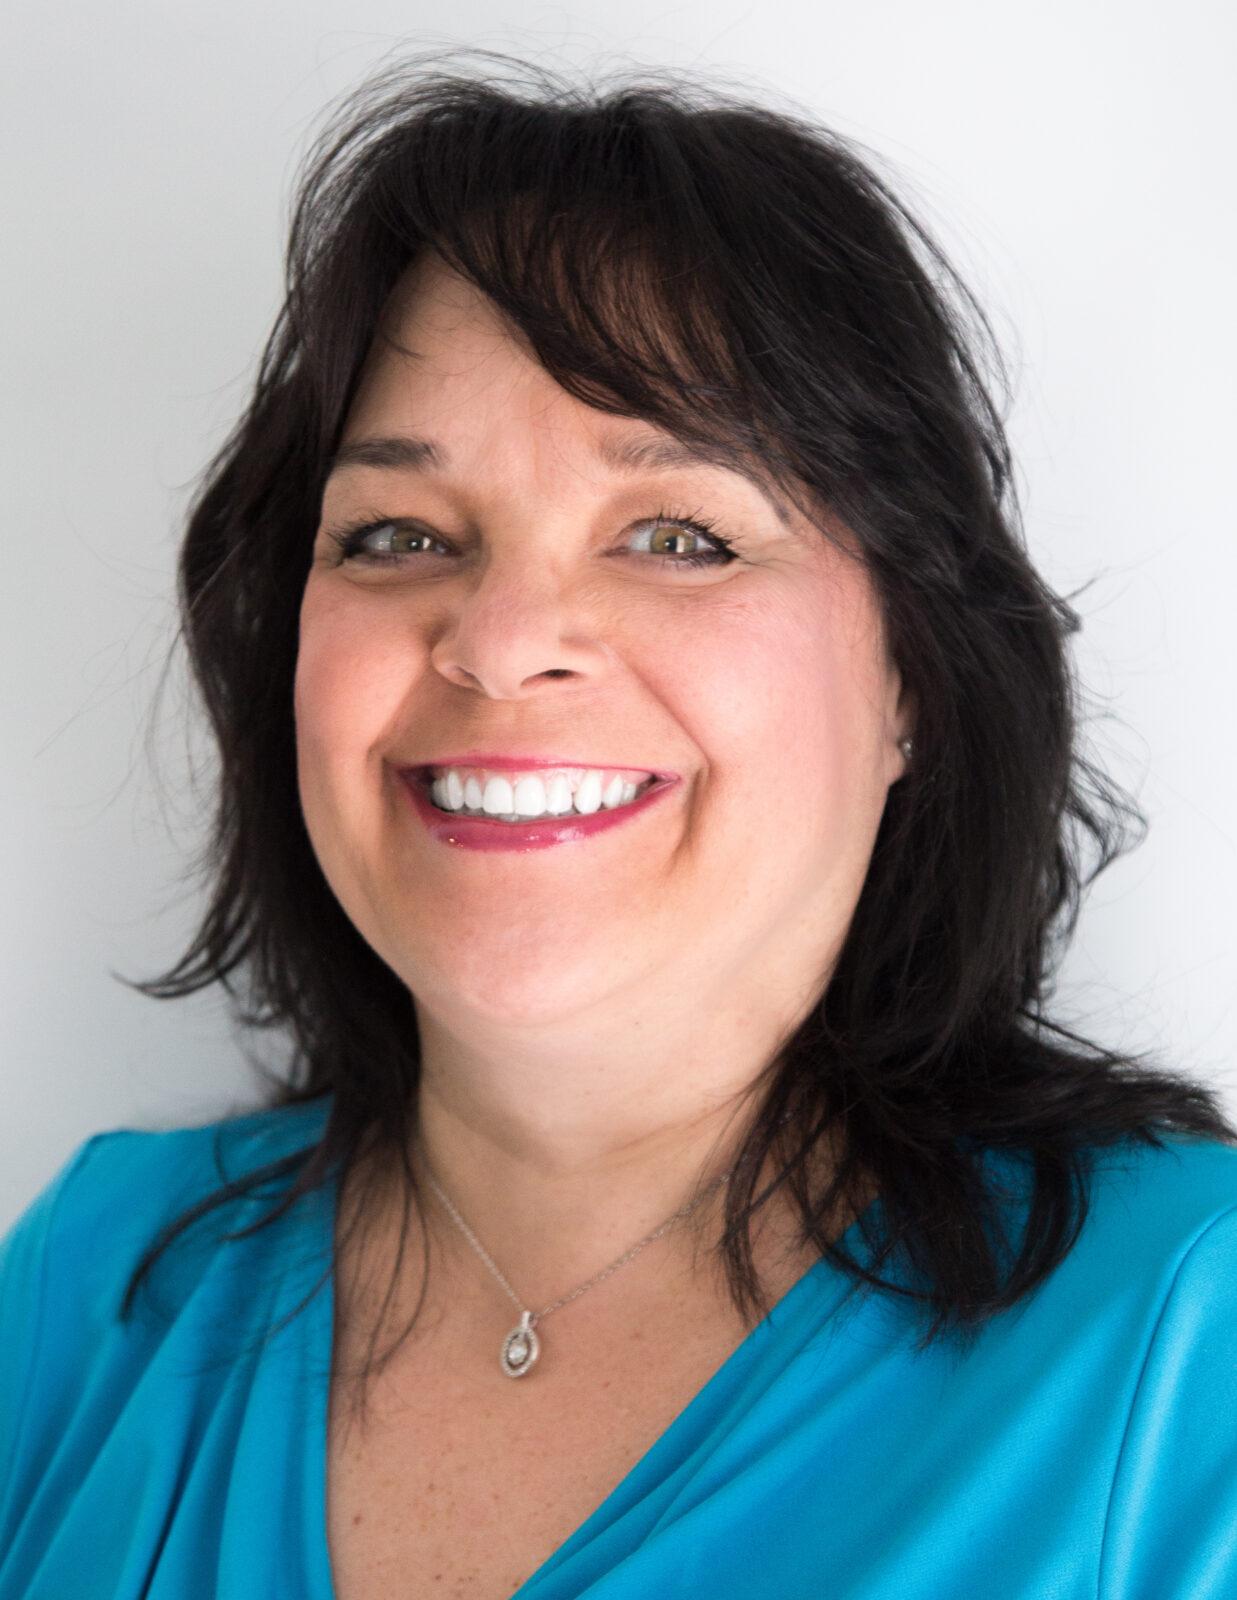 07 - Kelly Thomas - Marketing Operations